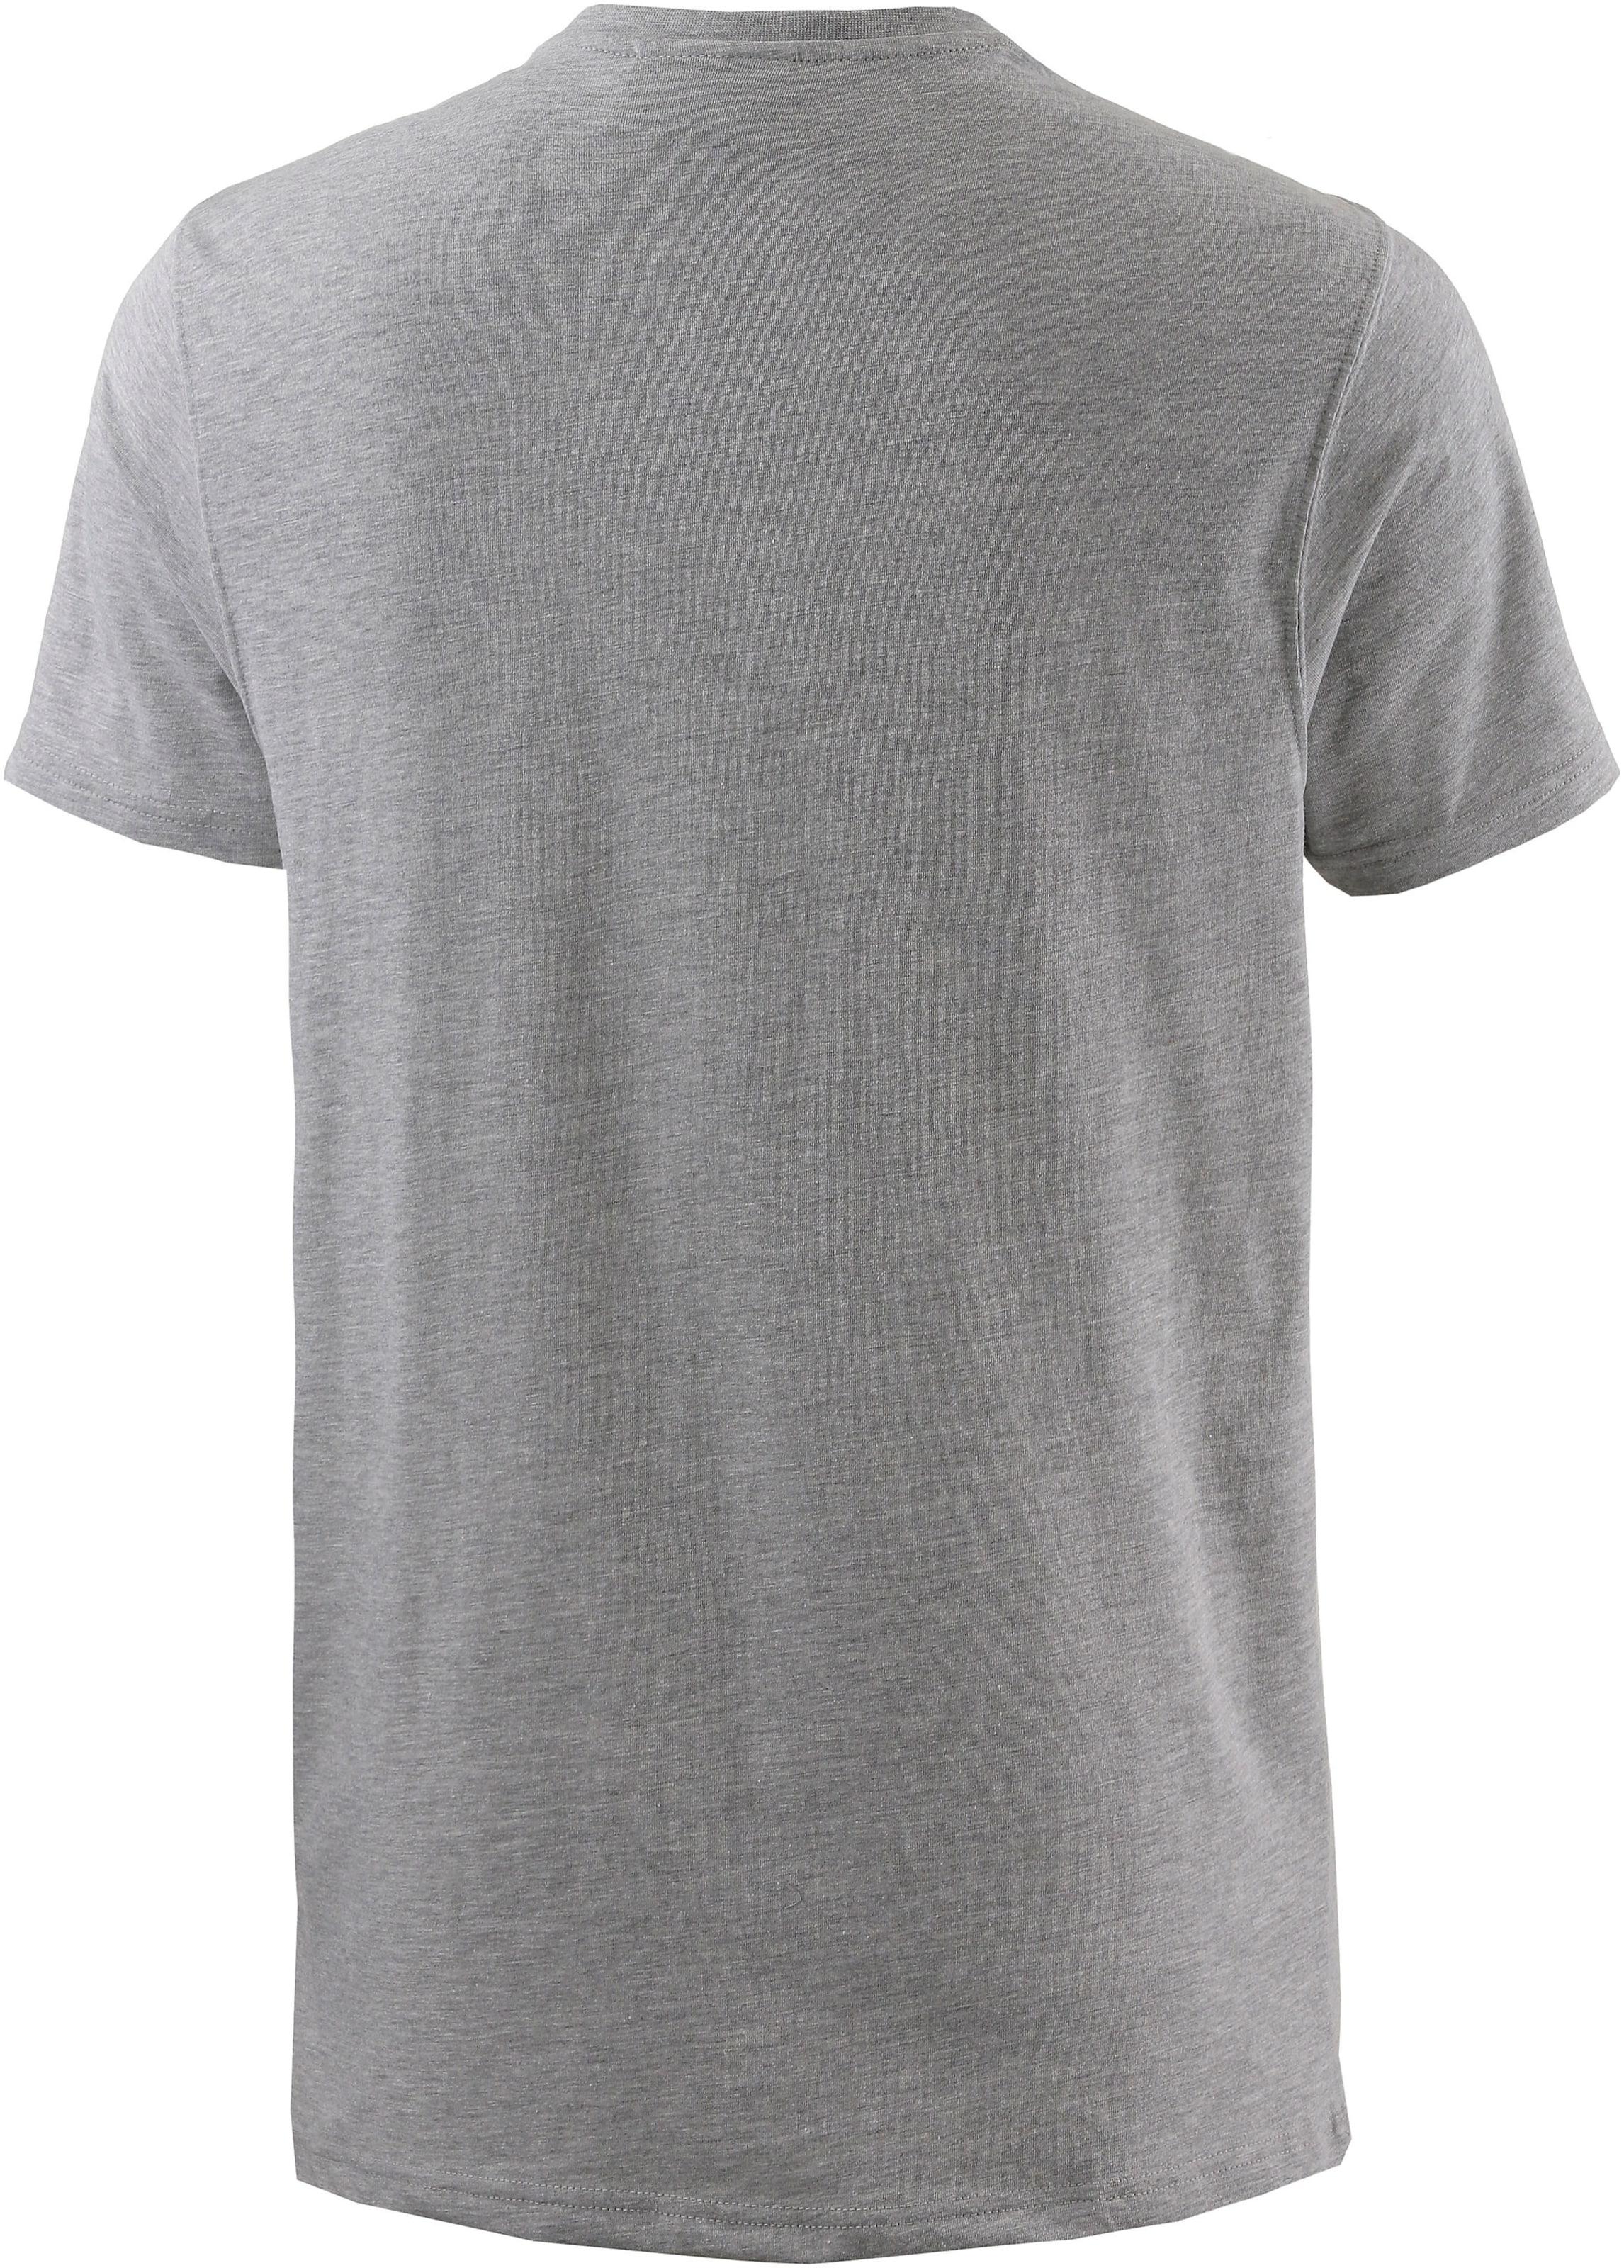 NEW ERA T-Shirt in grau Jersey 11073668/L